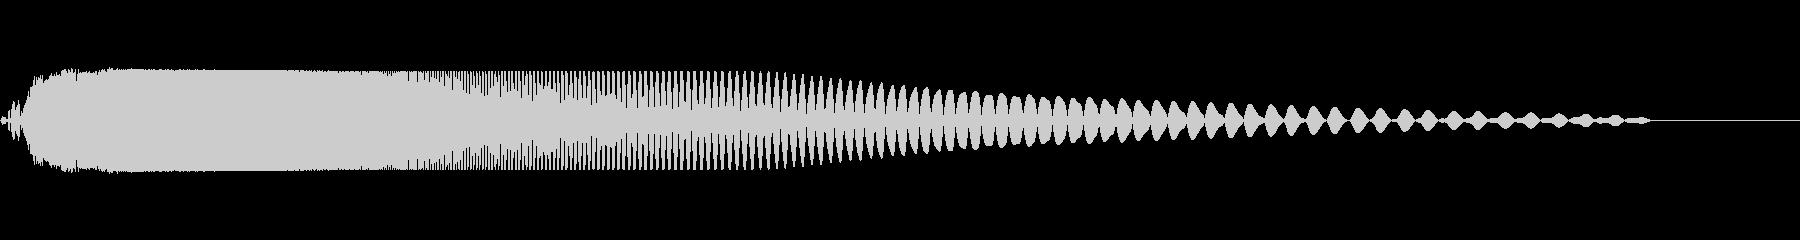 ピチュン (シャットダウン 消す)の未再生の波形